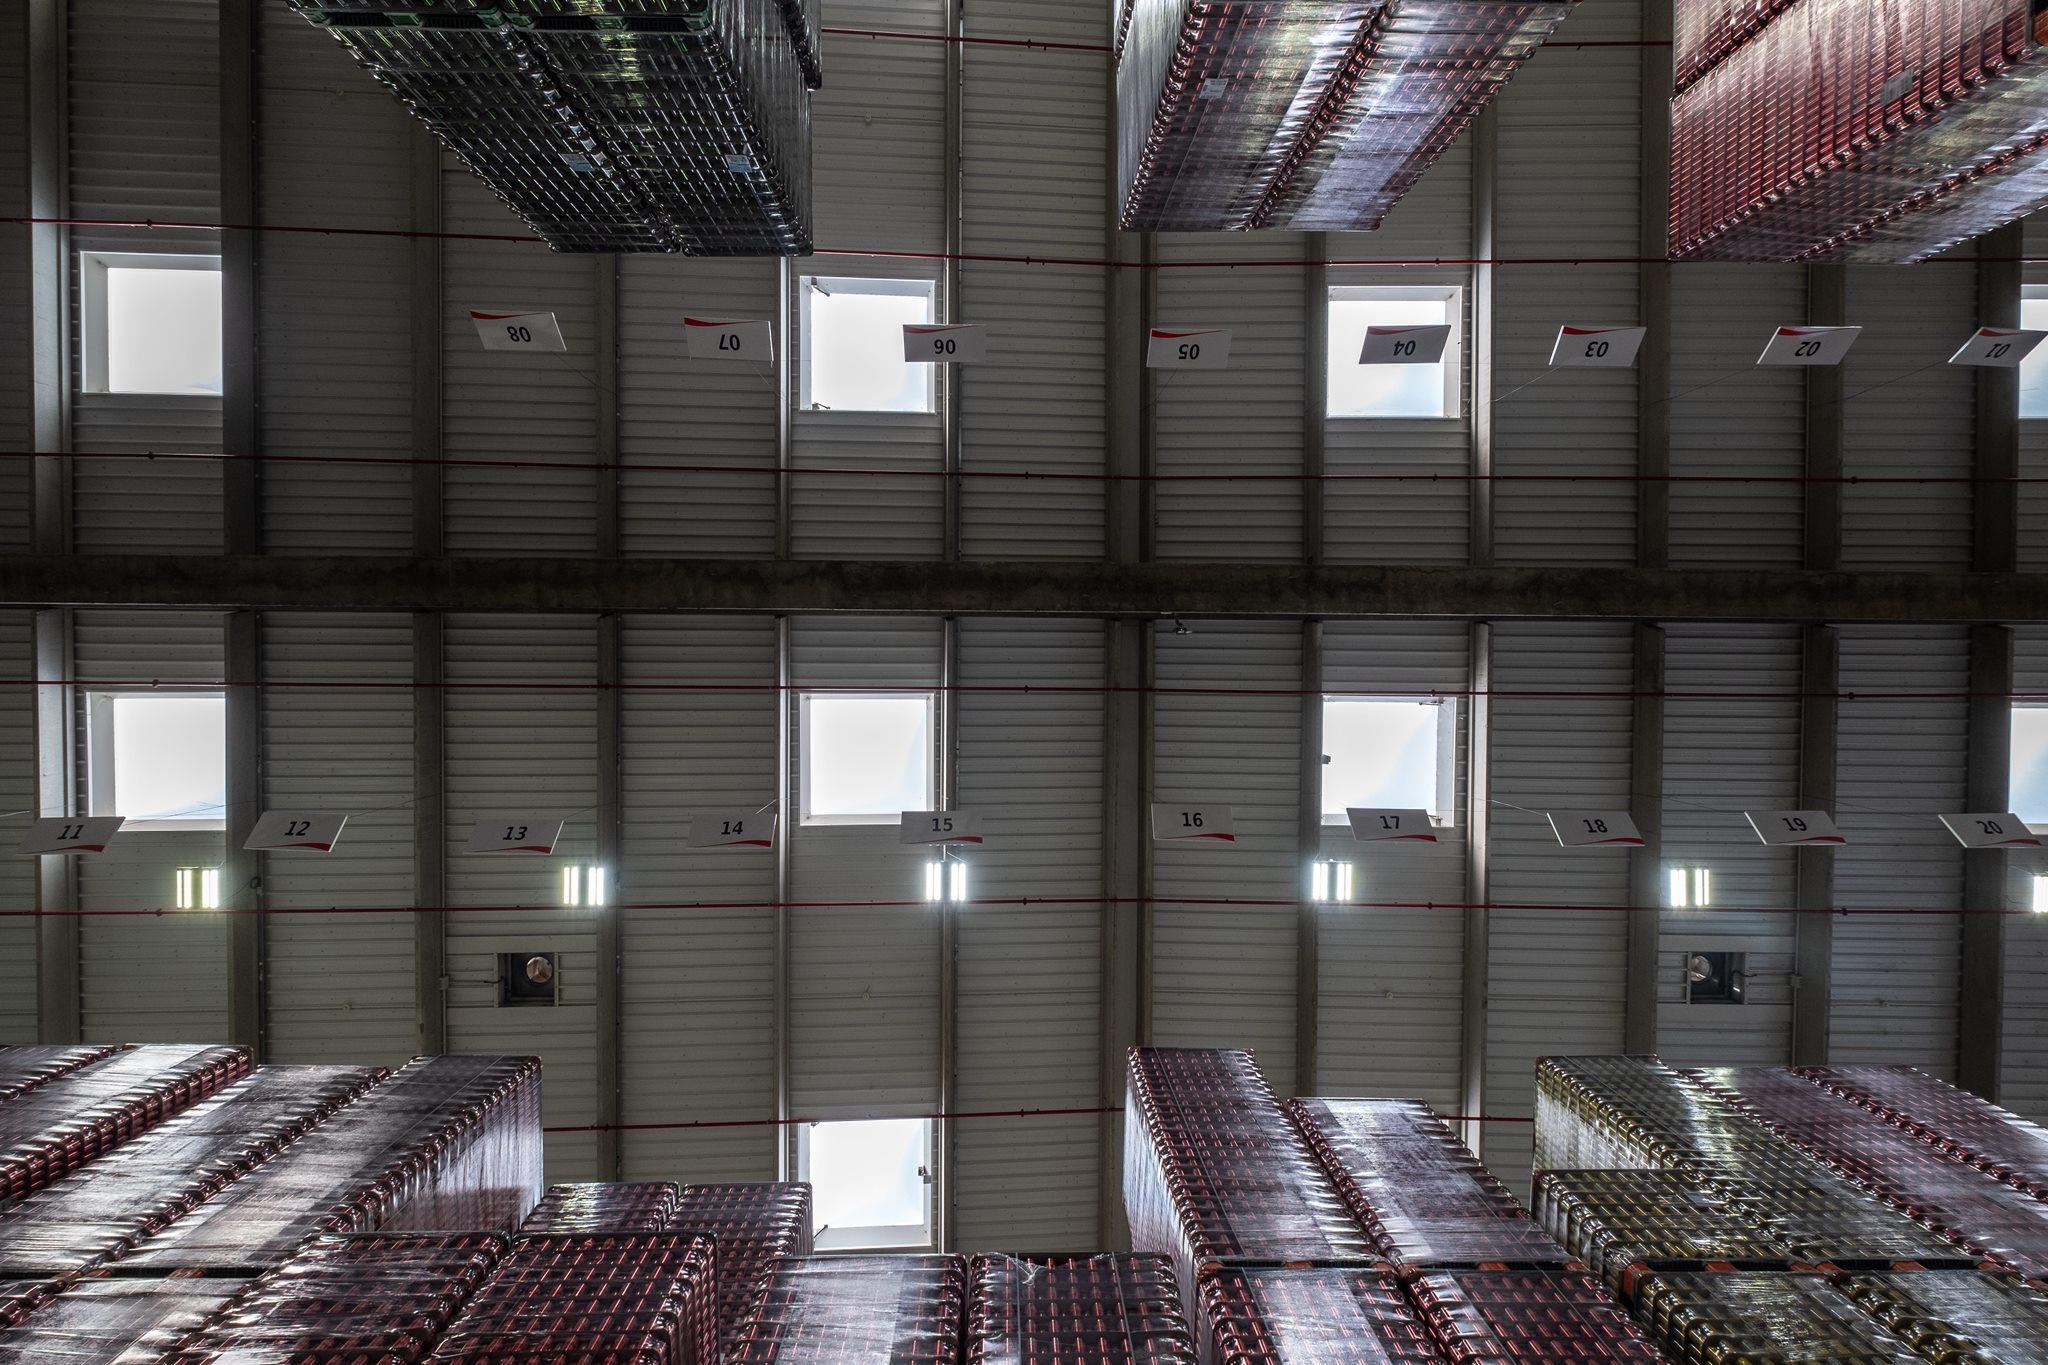 almacen-de-latas-cobega-iluminacion-inteligente-digital-lumens